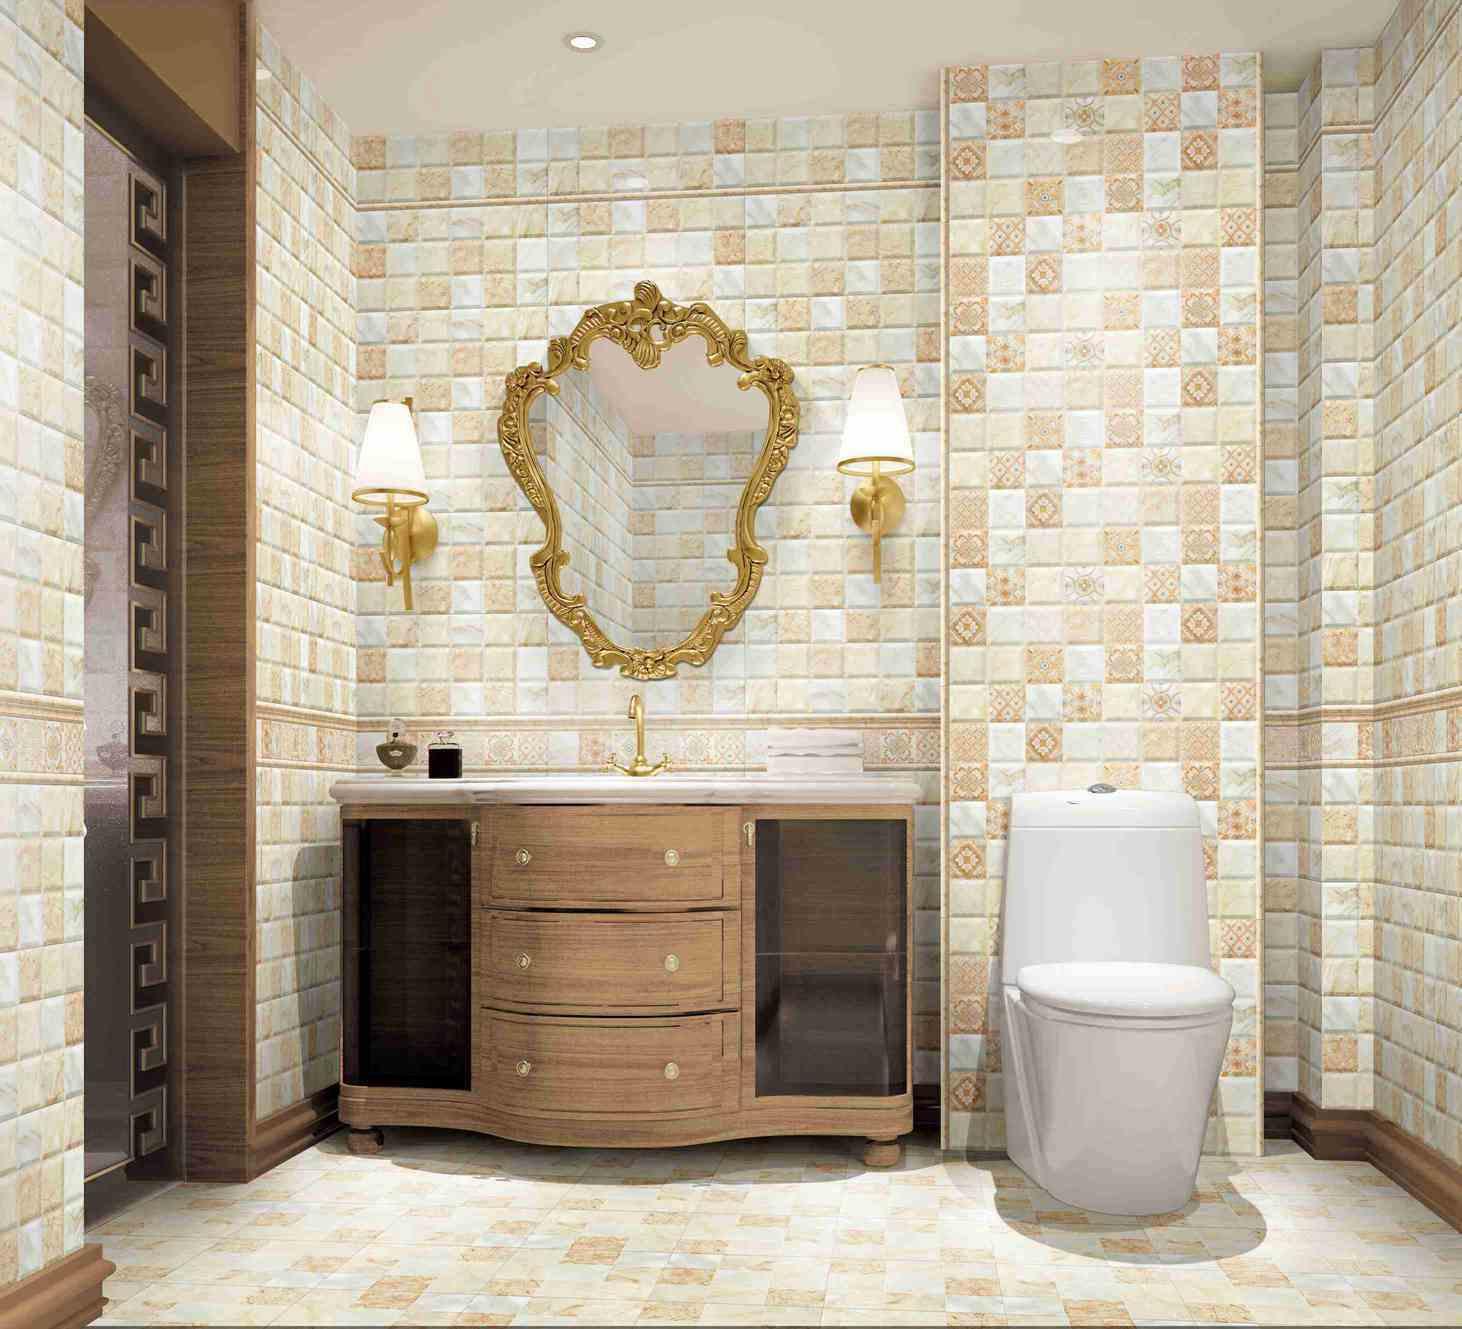 affordable nuevo azulejo de cermica esmaltado de la pared para la pared de la cocinadel cuarto de bao u nuevo azulejo de cermica esmaltado de la pared with - Azulejos De Bao